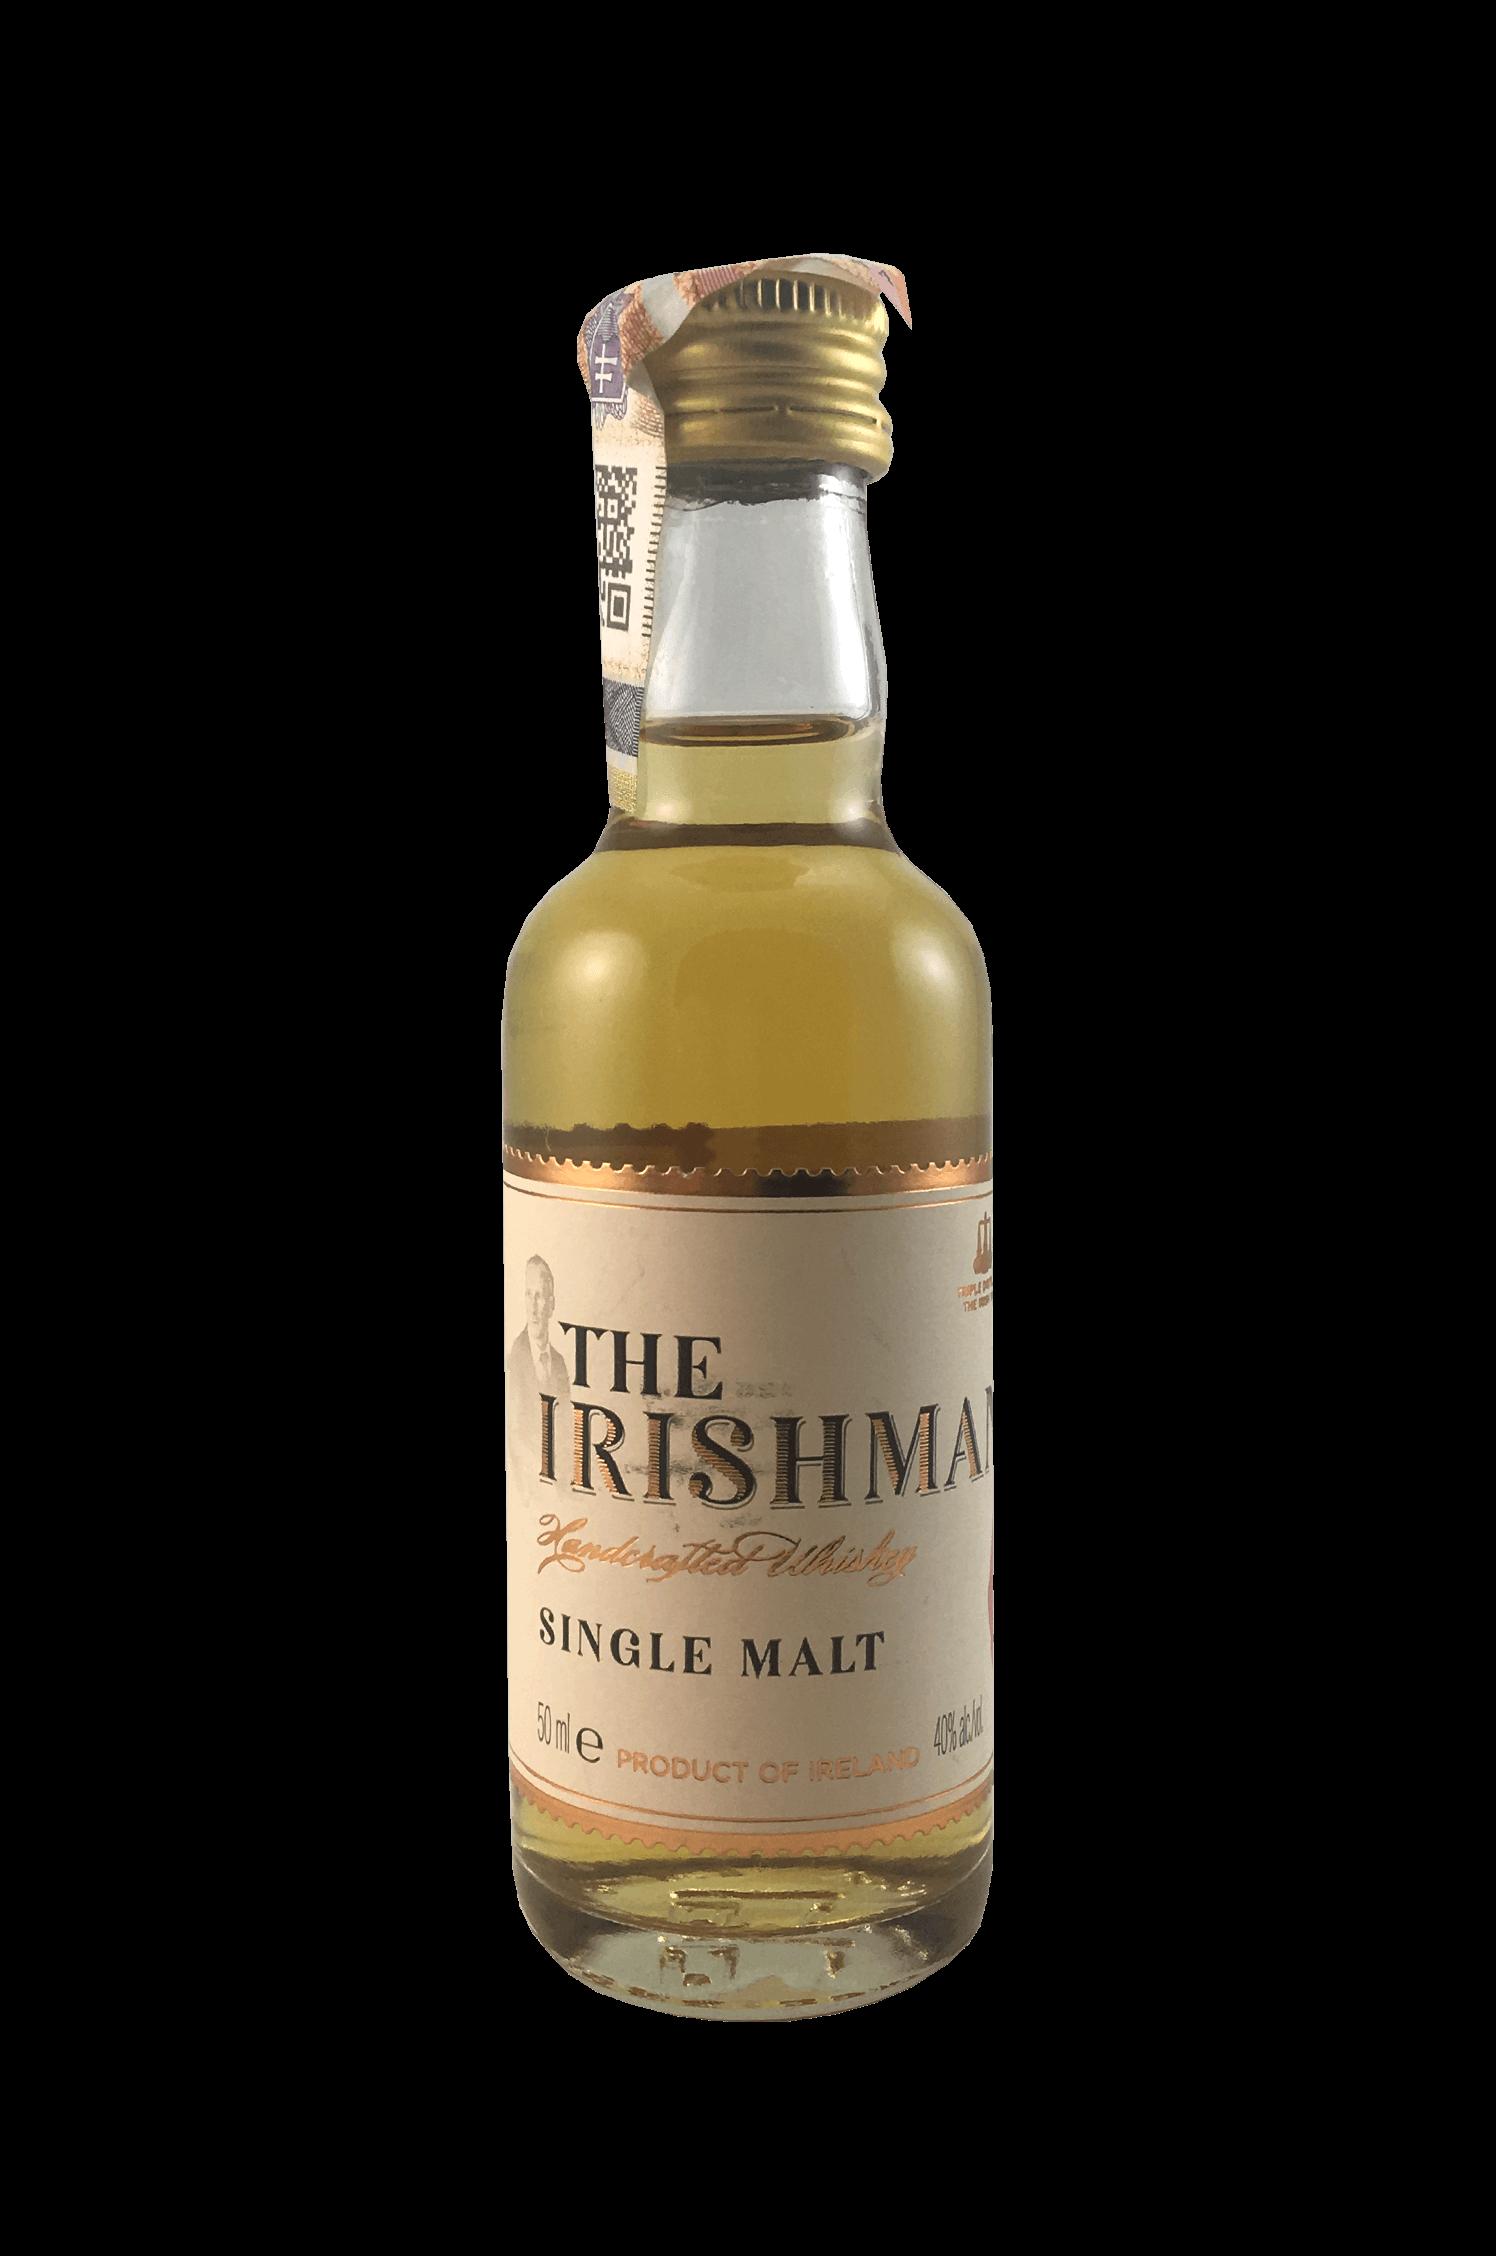 The Irishman Whisky